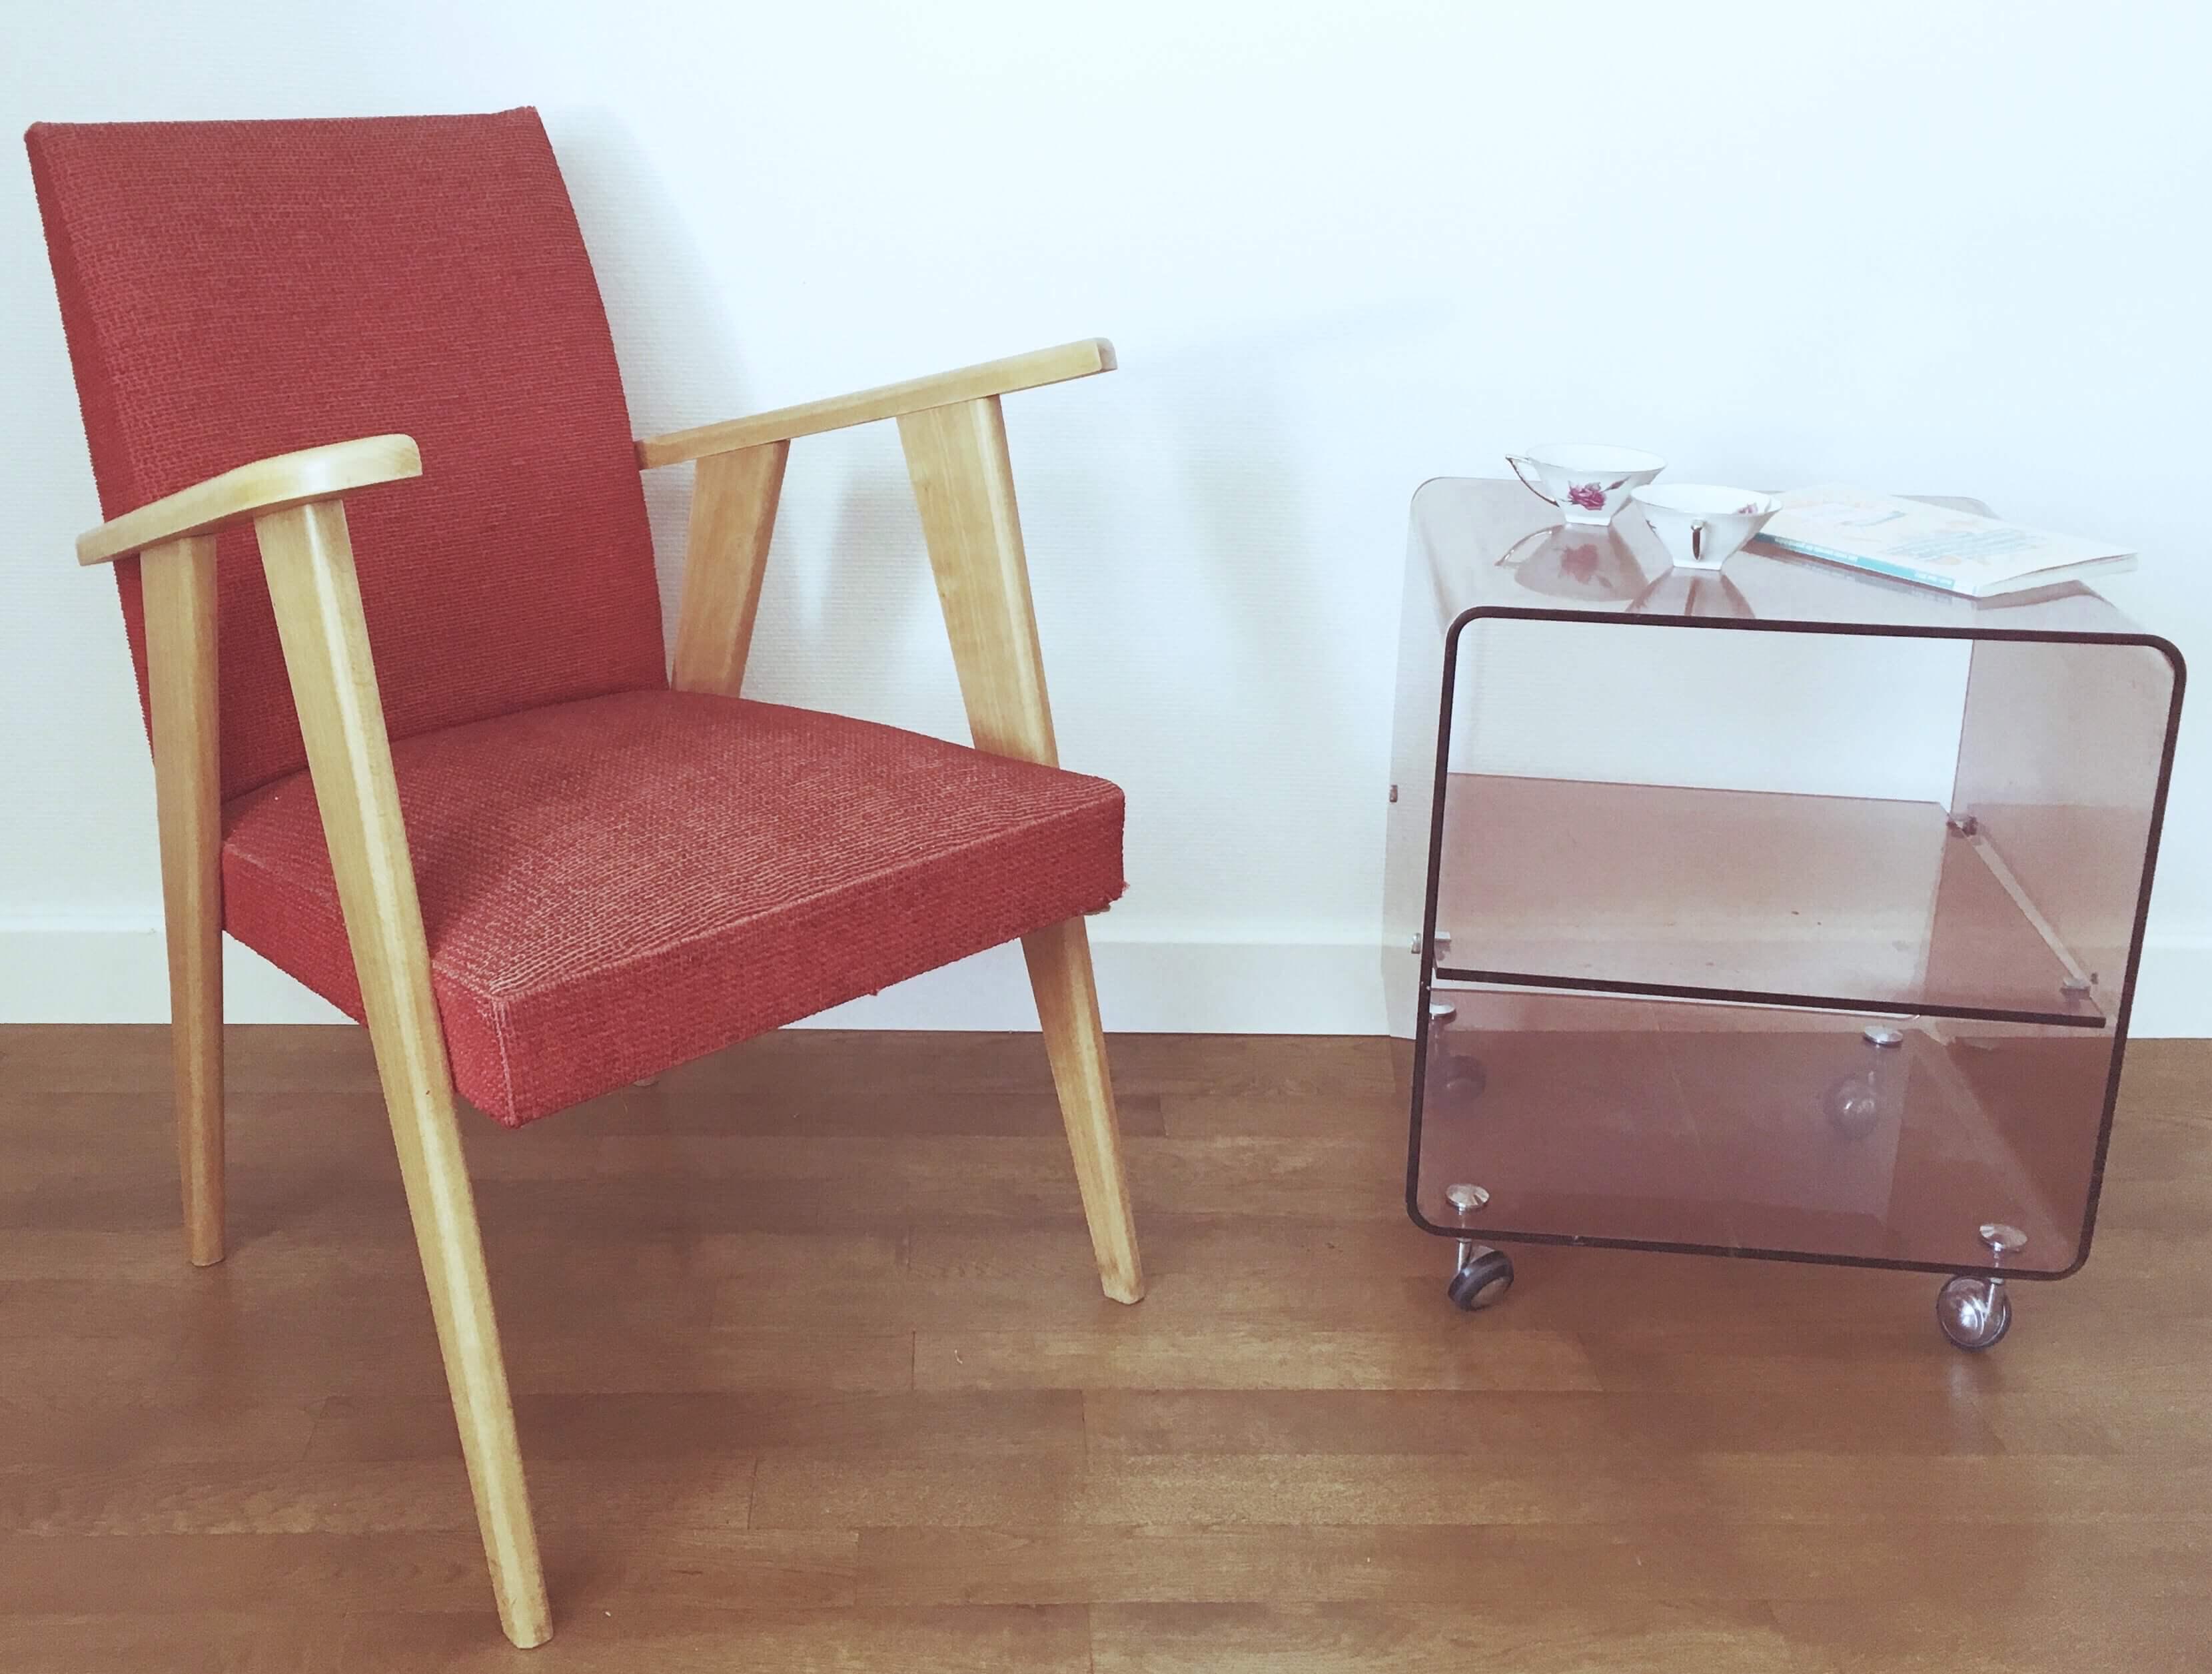 fauteuil scandinave vintage rouge. Black Bedroom Furniture Sets. Home Design Ideas